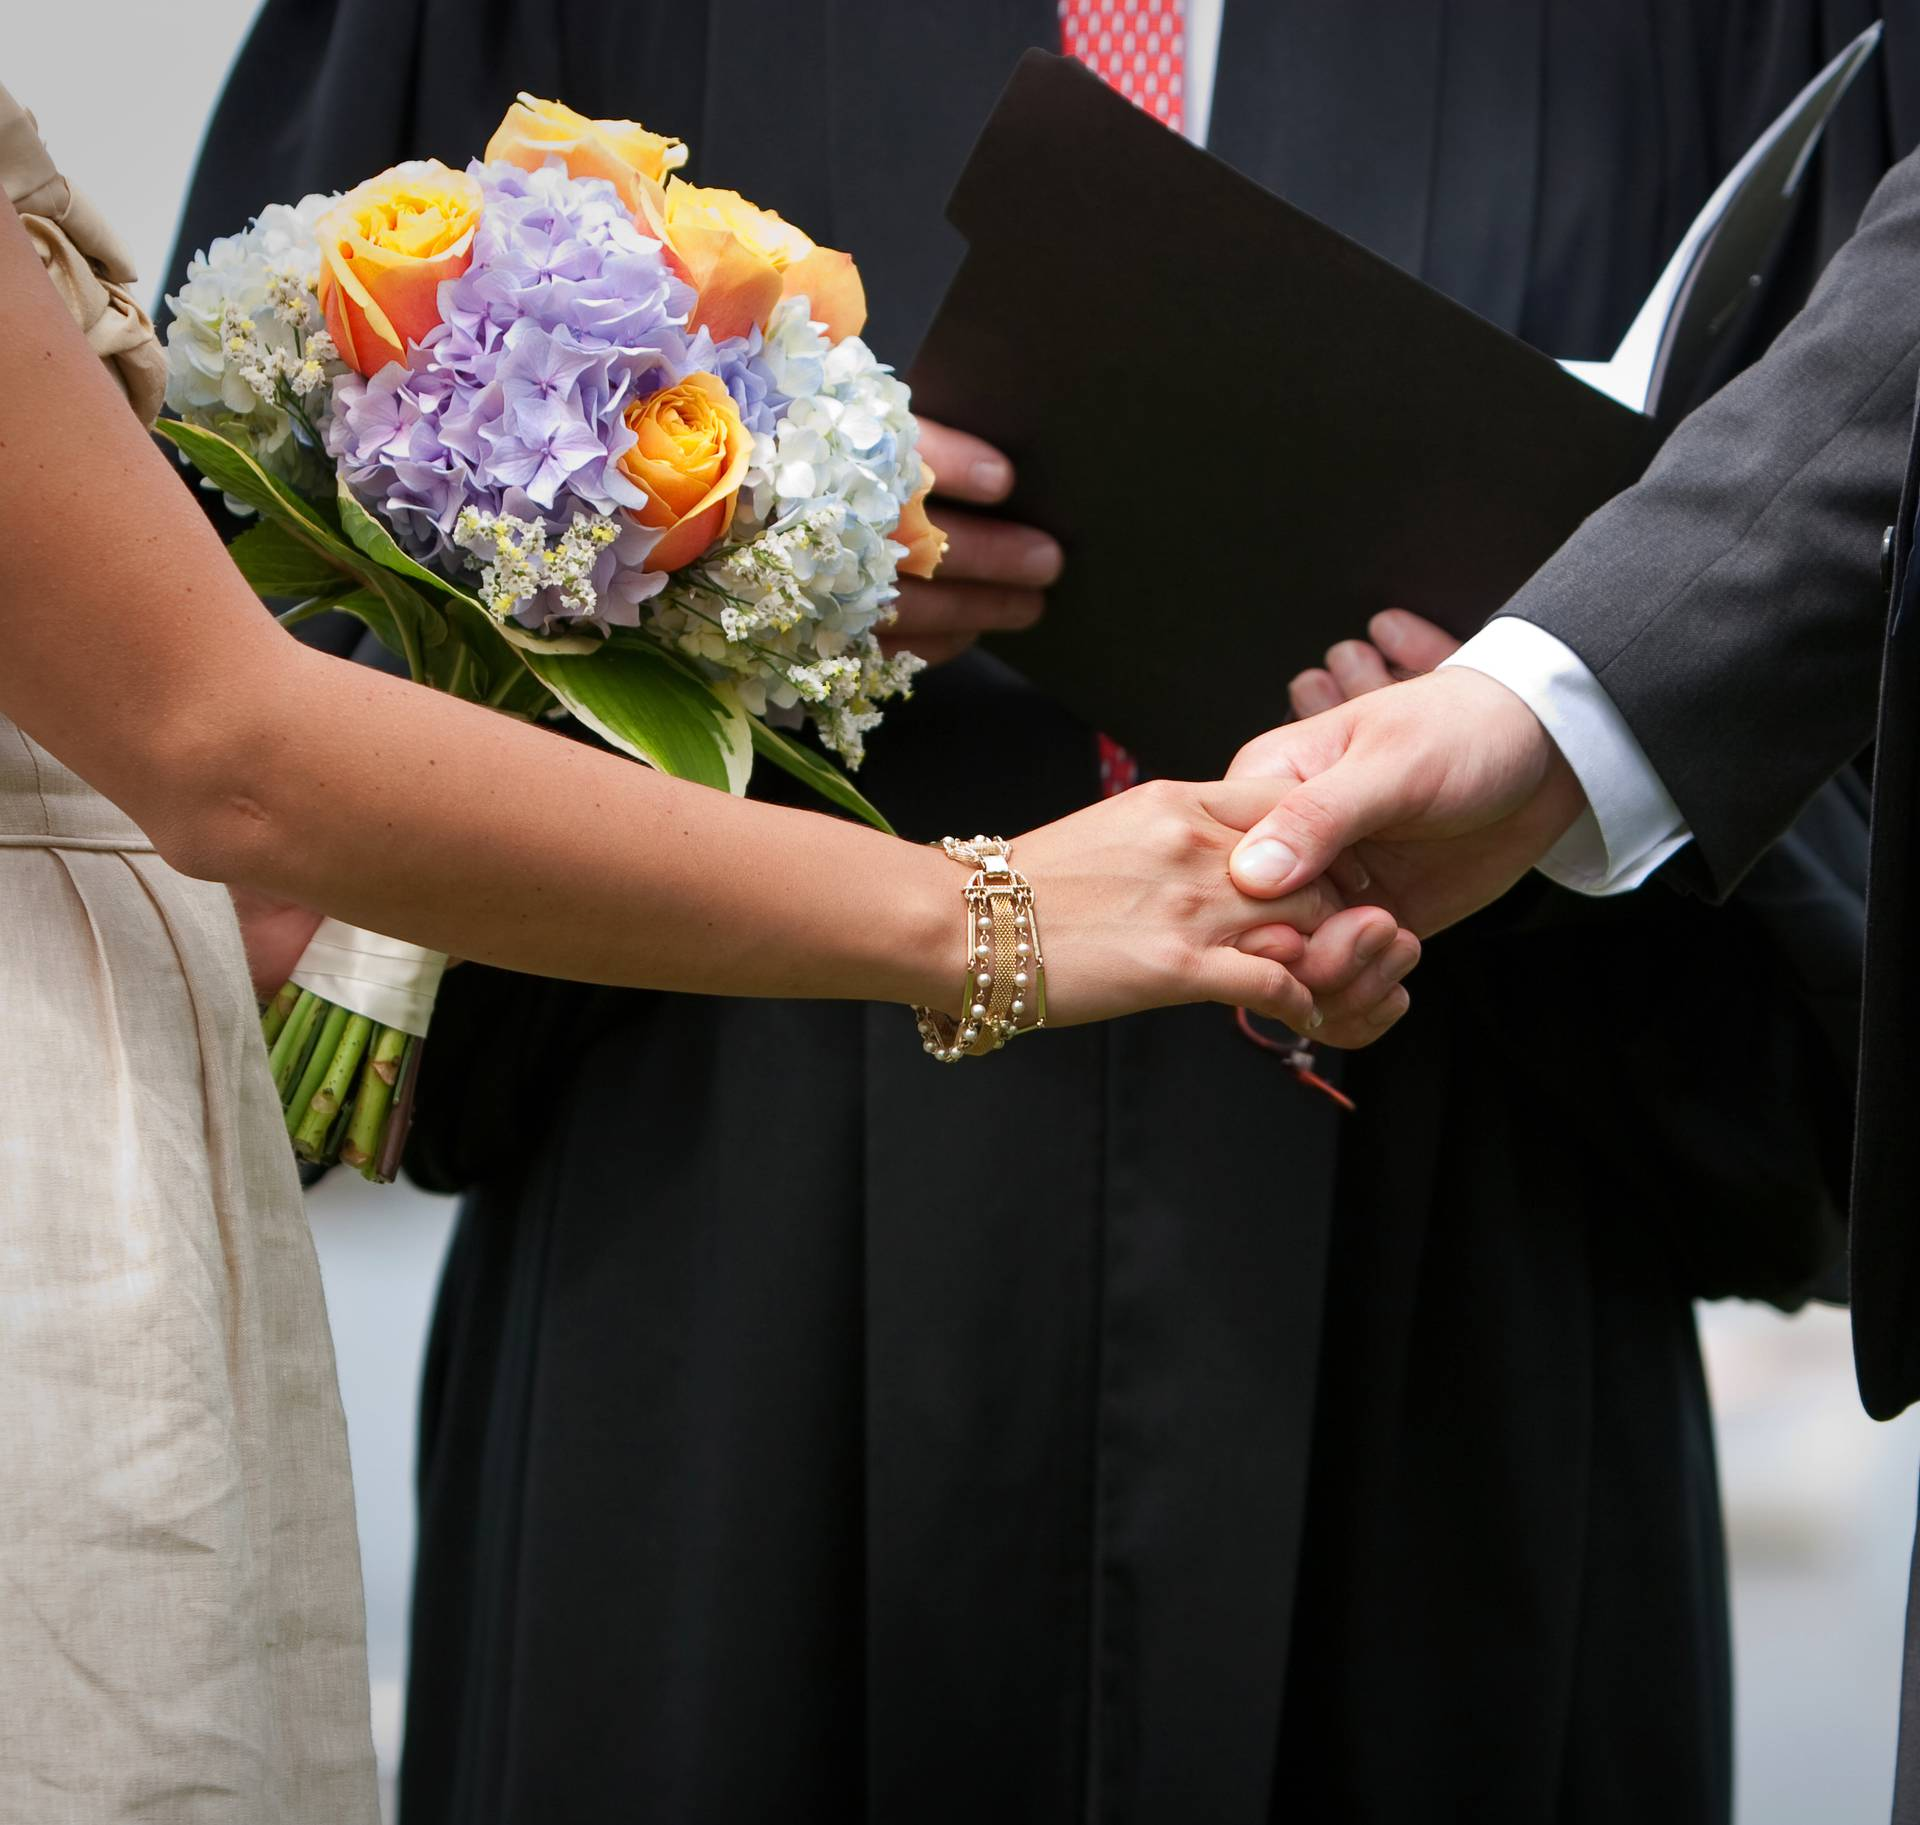 Platio mladenku 1.500 eura, a ona pobjegla prve bračne noći